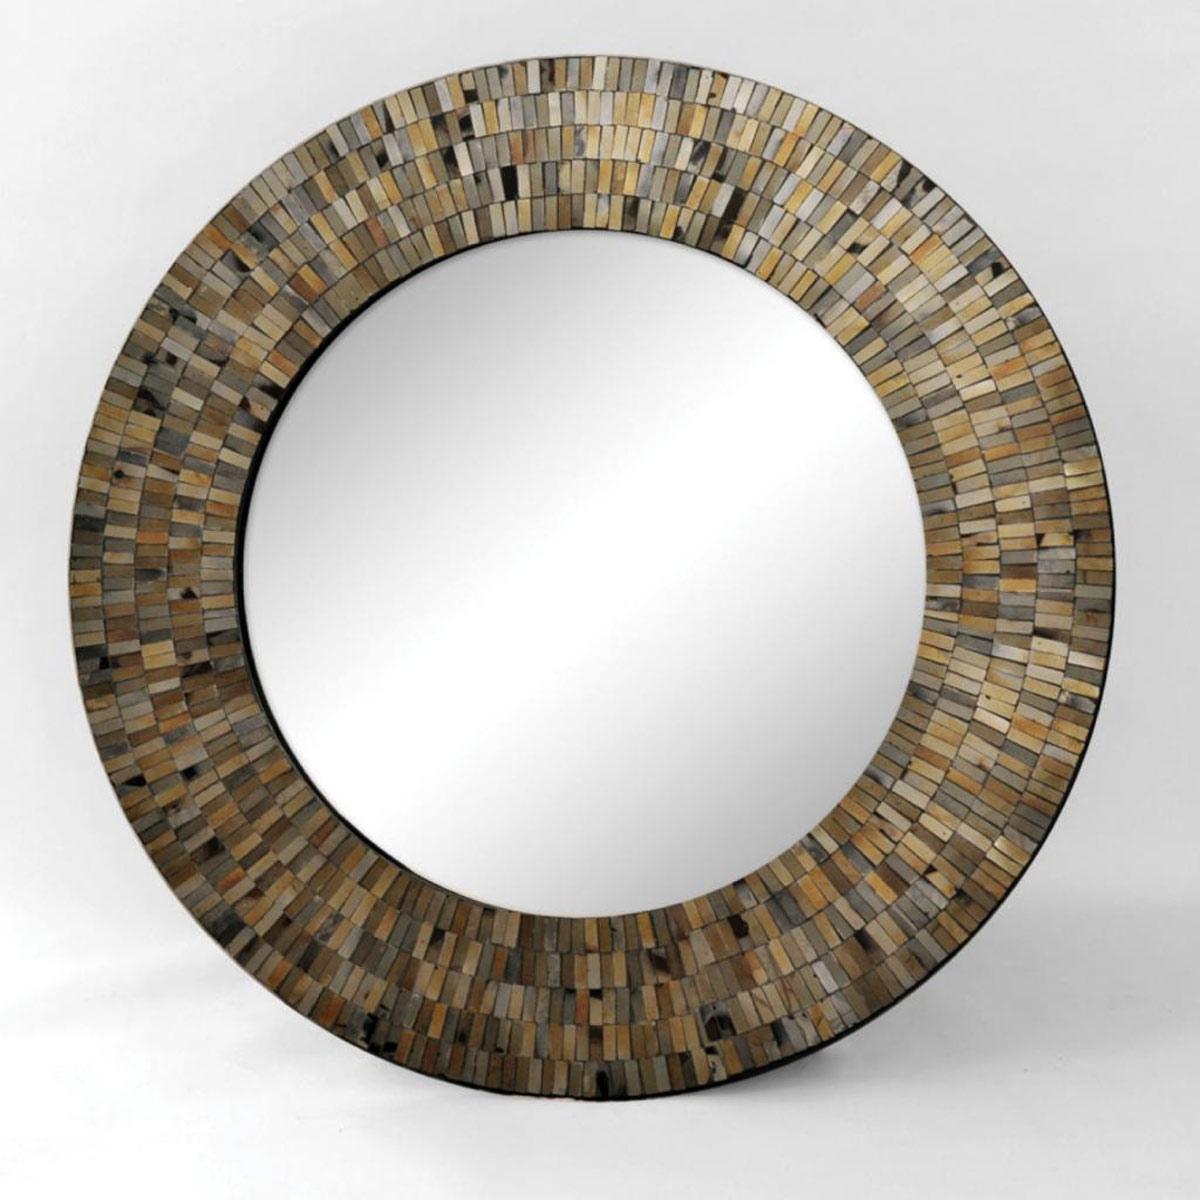 Ren-Wil Aventurine Mirror - Black Mosaic